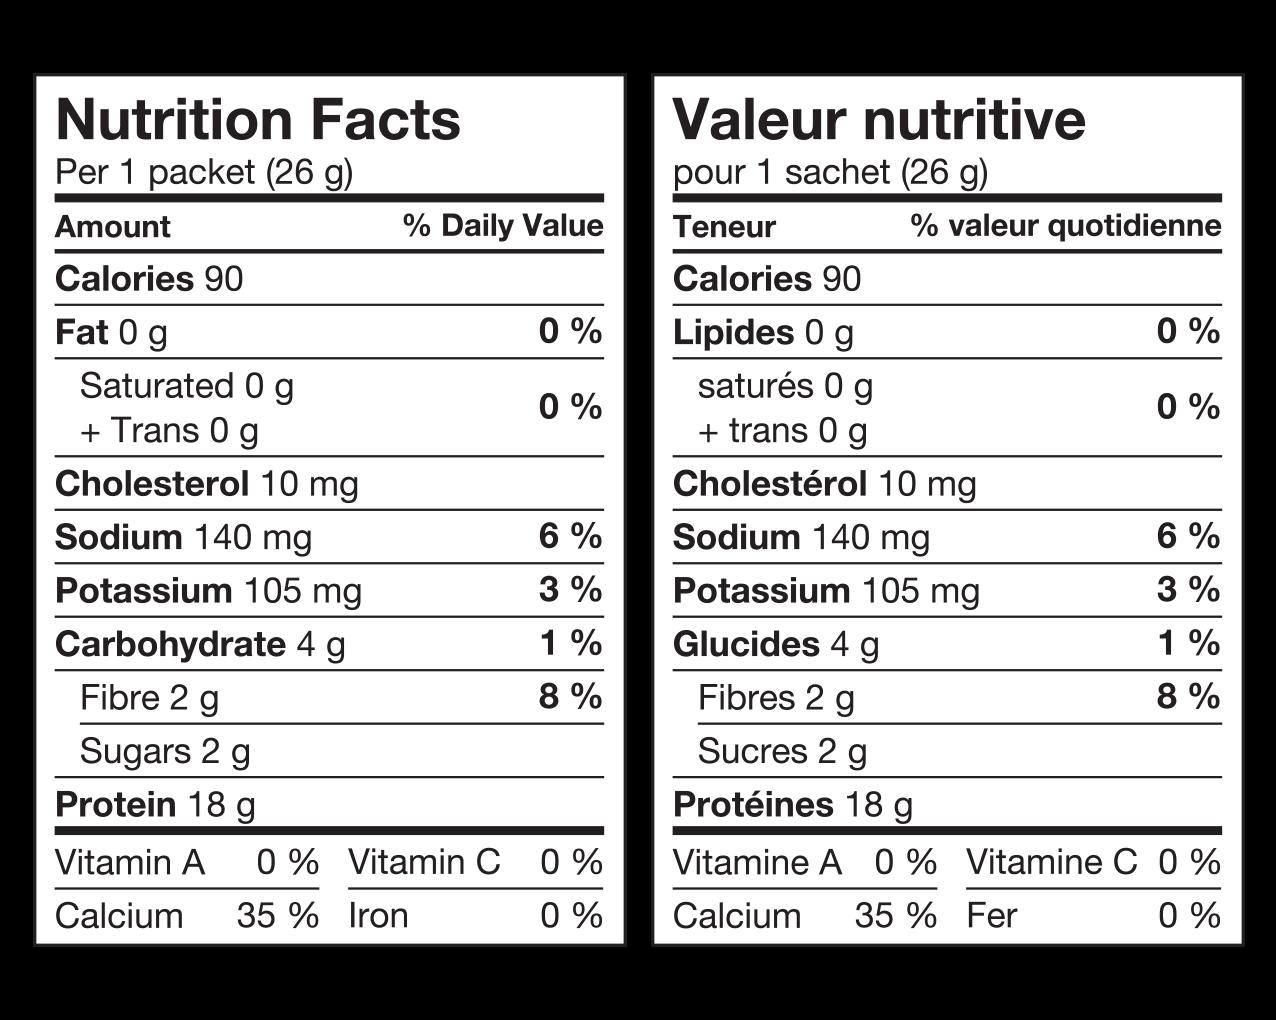 Cette préparation pour boisson à la vanille crémeuse utilise le goût riche et frais de la gousse de vanille à son plein potentiel. Lorsque vous devez vous revitaliser en après-midi, tournez-vous vers des saveurs rafraîchissantes avec ce délice à la vanille. Utile pour perdre du poids uniquement dans le cadre d'un régime à teneur réduite en énergie.